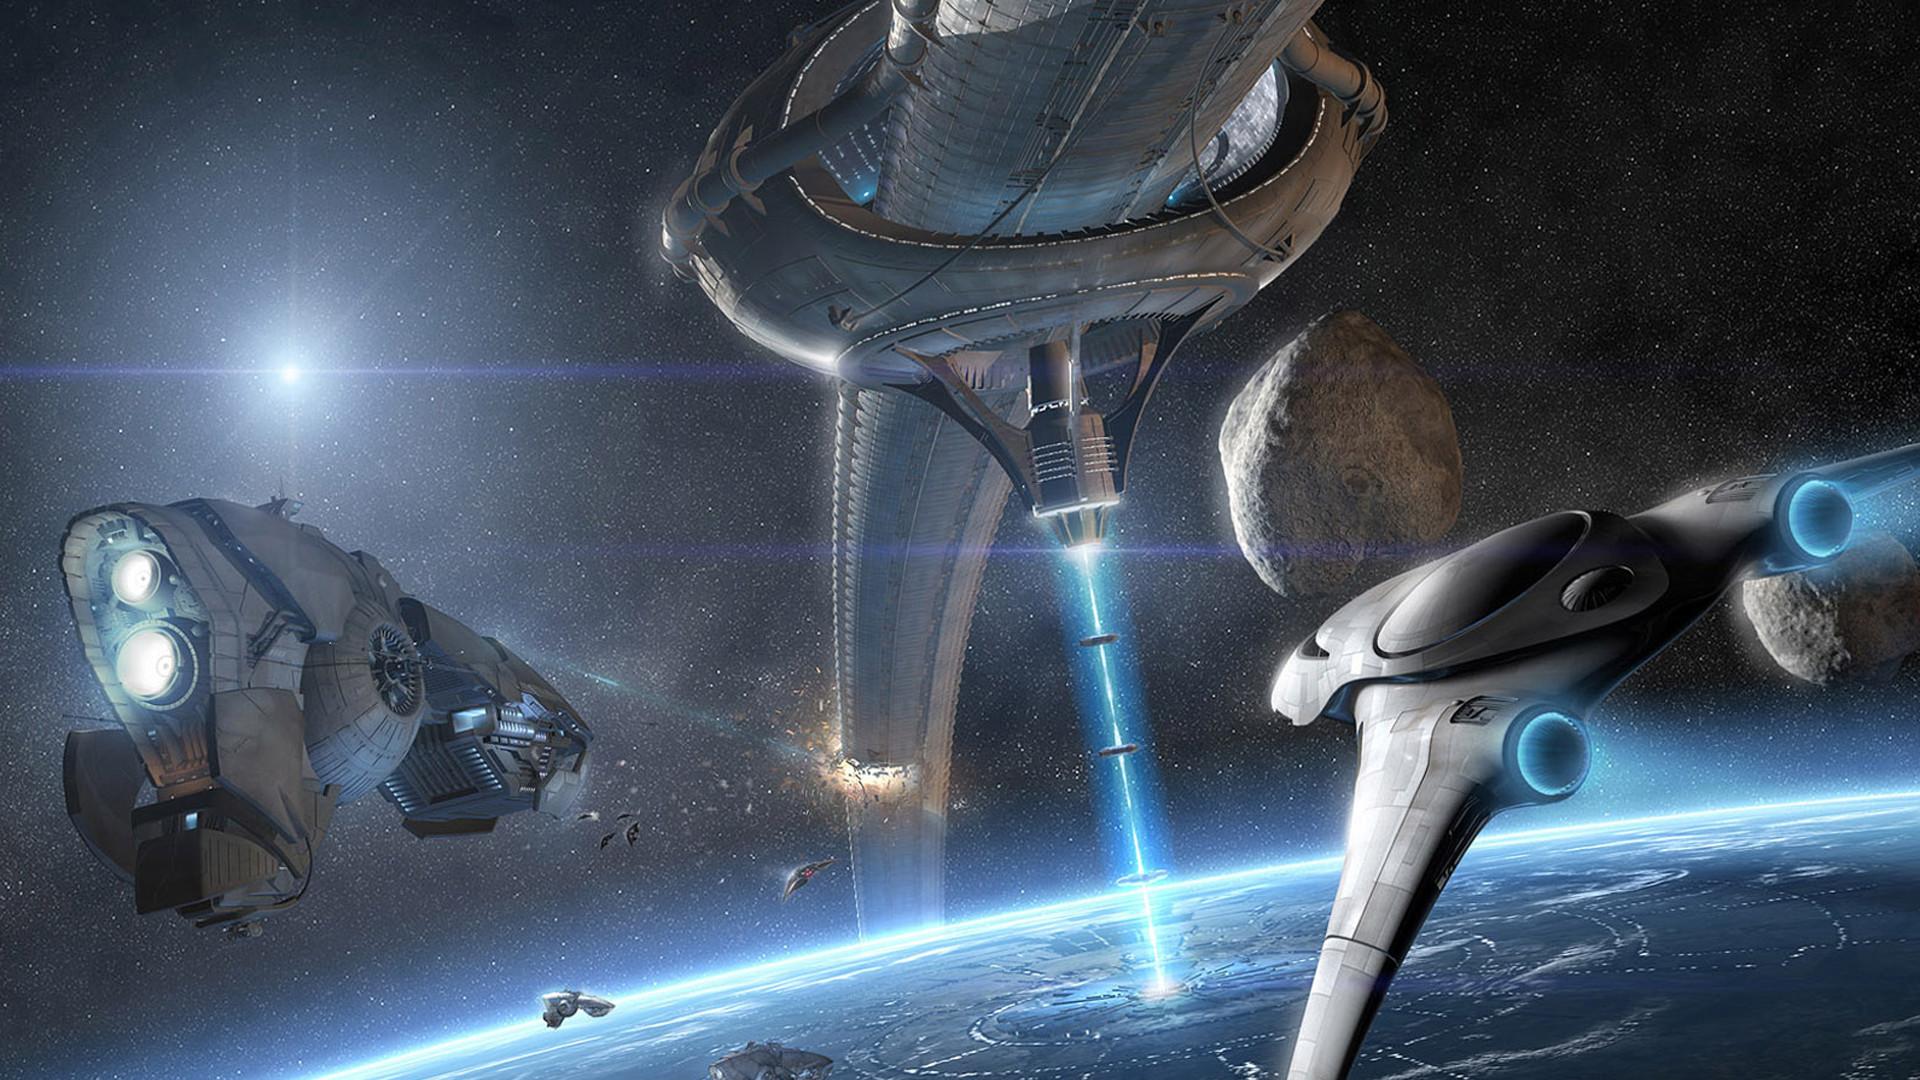 Futuristic Planets Sci-fi Artwork Space Scenes Weaponry